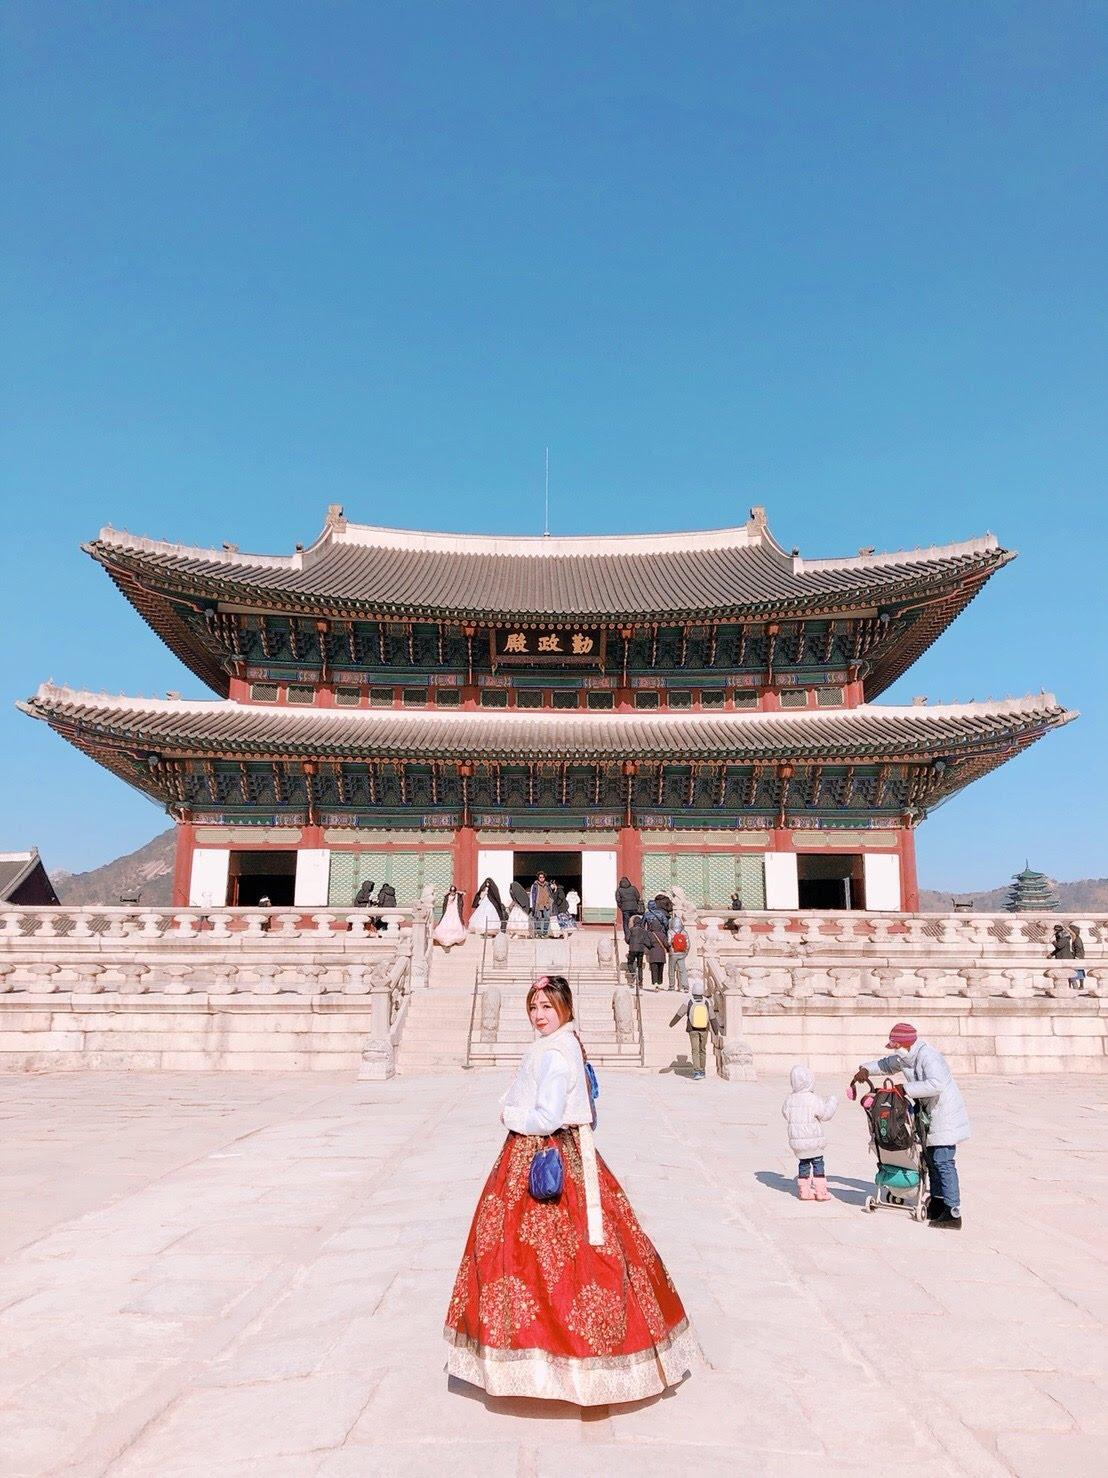 韓國首爾|首爾王宮(景福宮) 公主韓服租借 免費進入。餓了就吃三清洞摩西年糕鍋